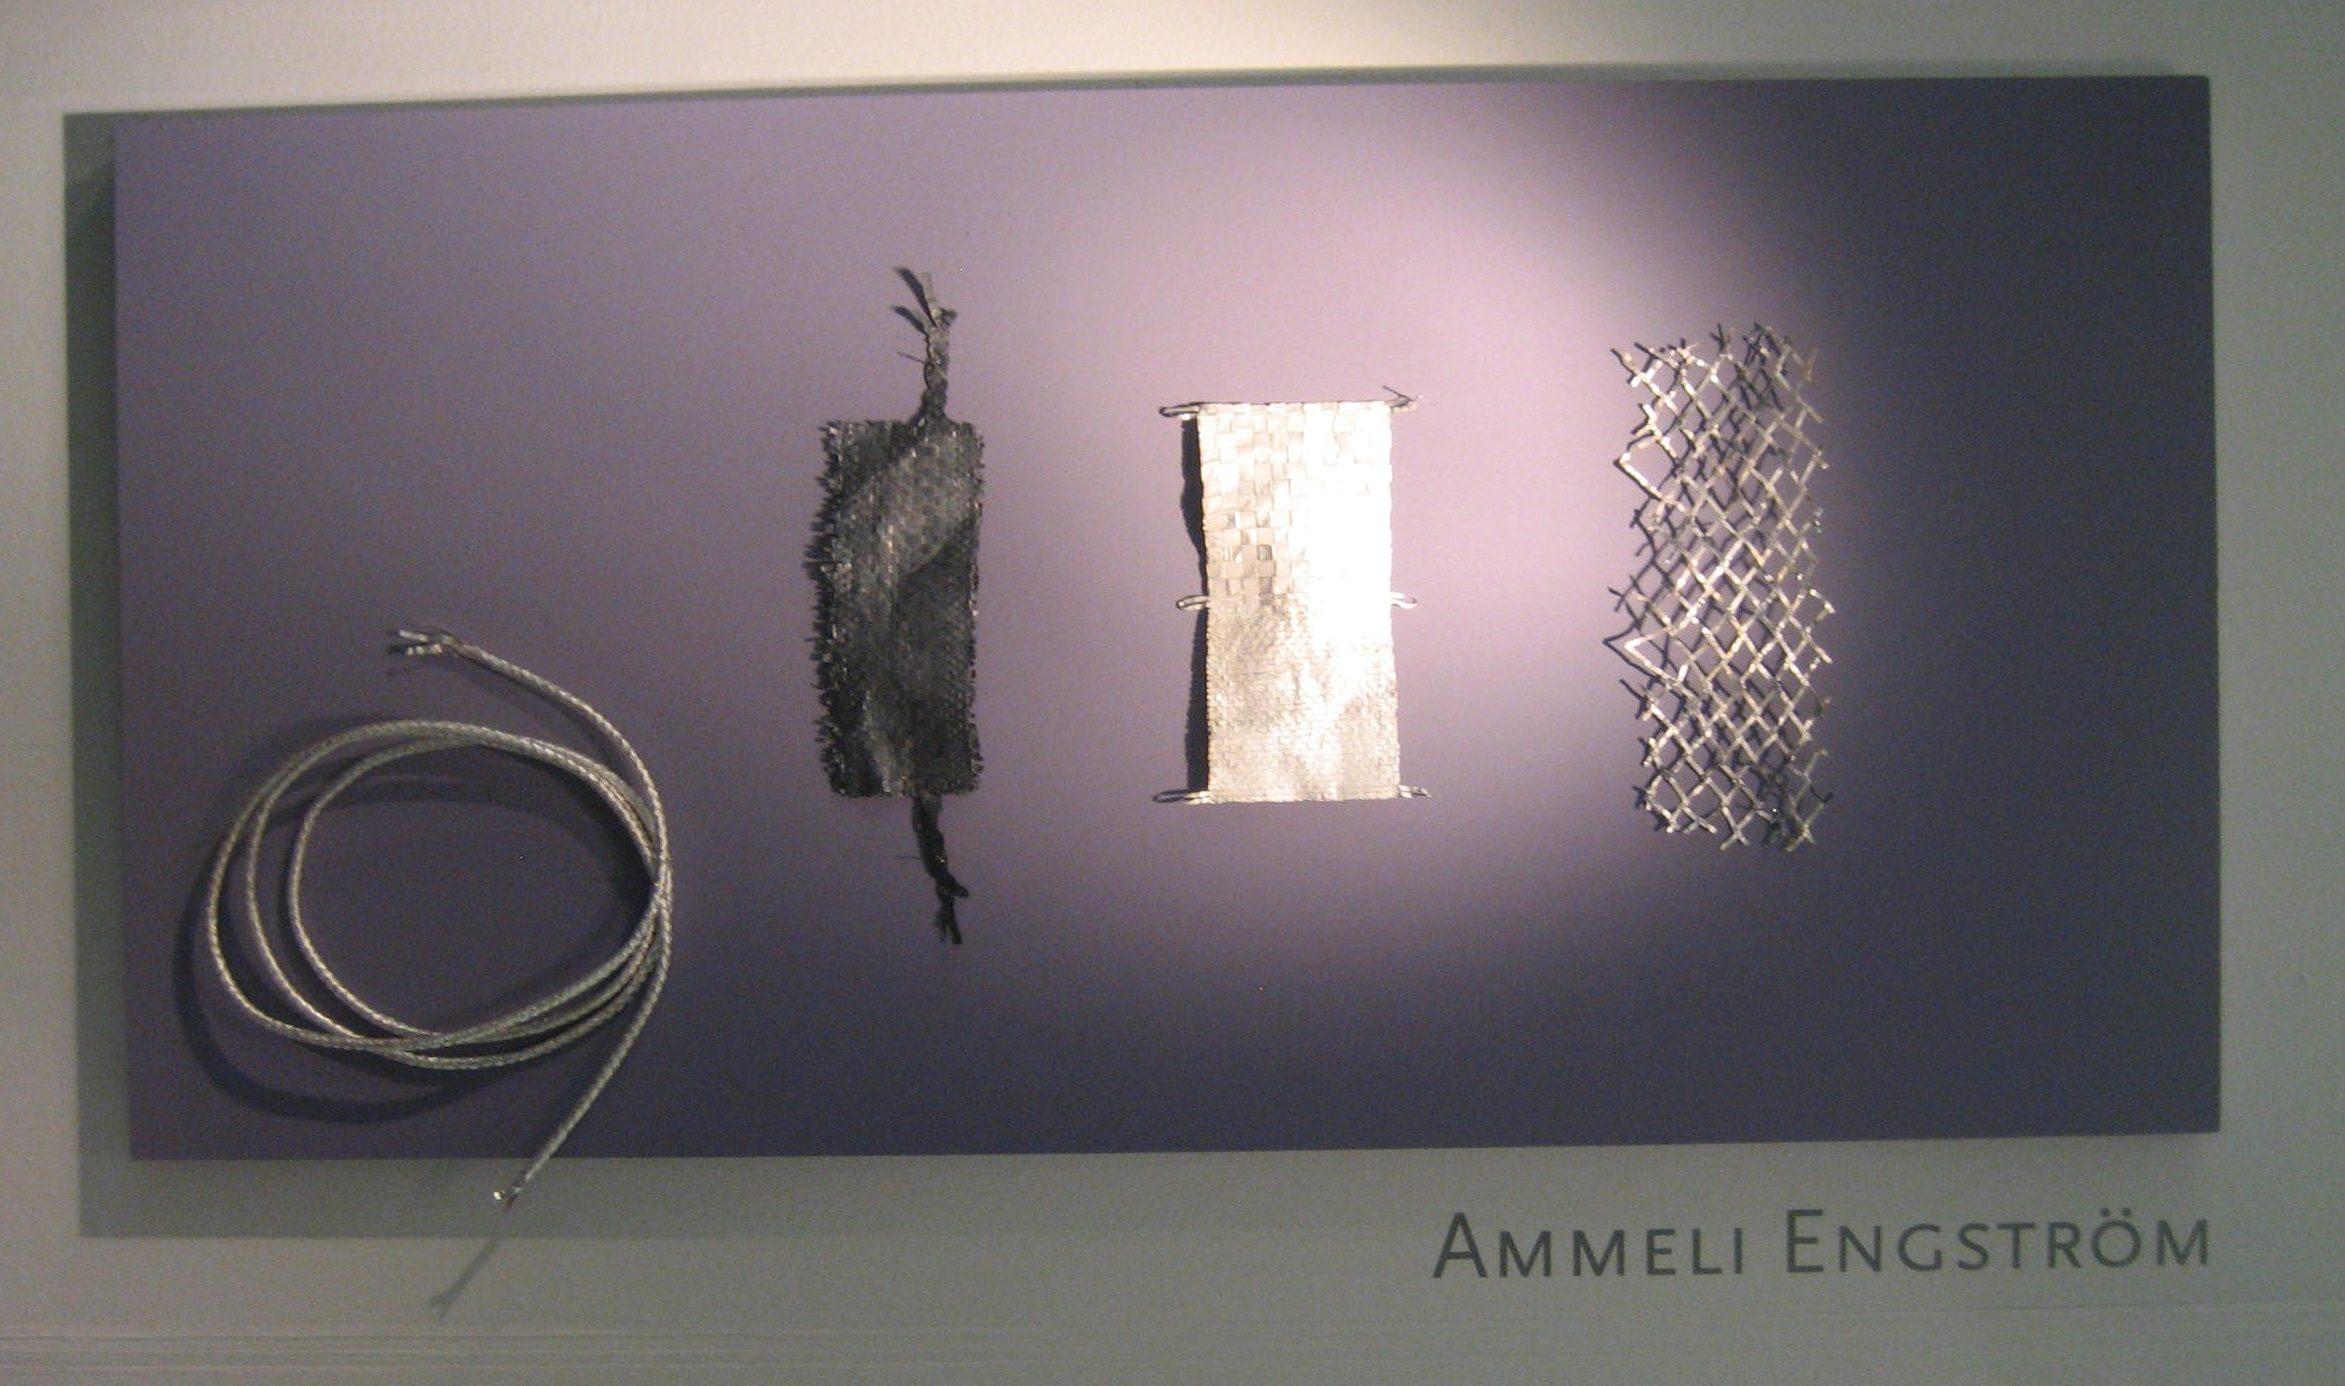 Ammeli Engström in Galerie Ra, 2018. Foto Esther Doornbusch, CC BY 4.0